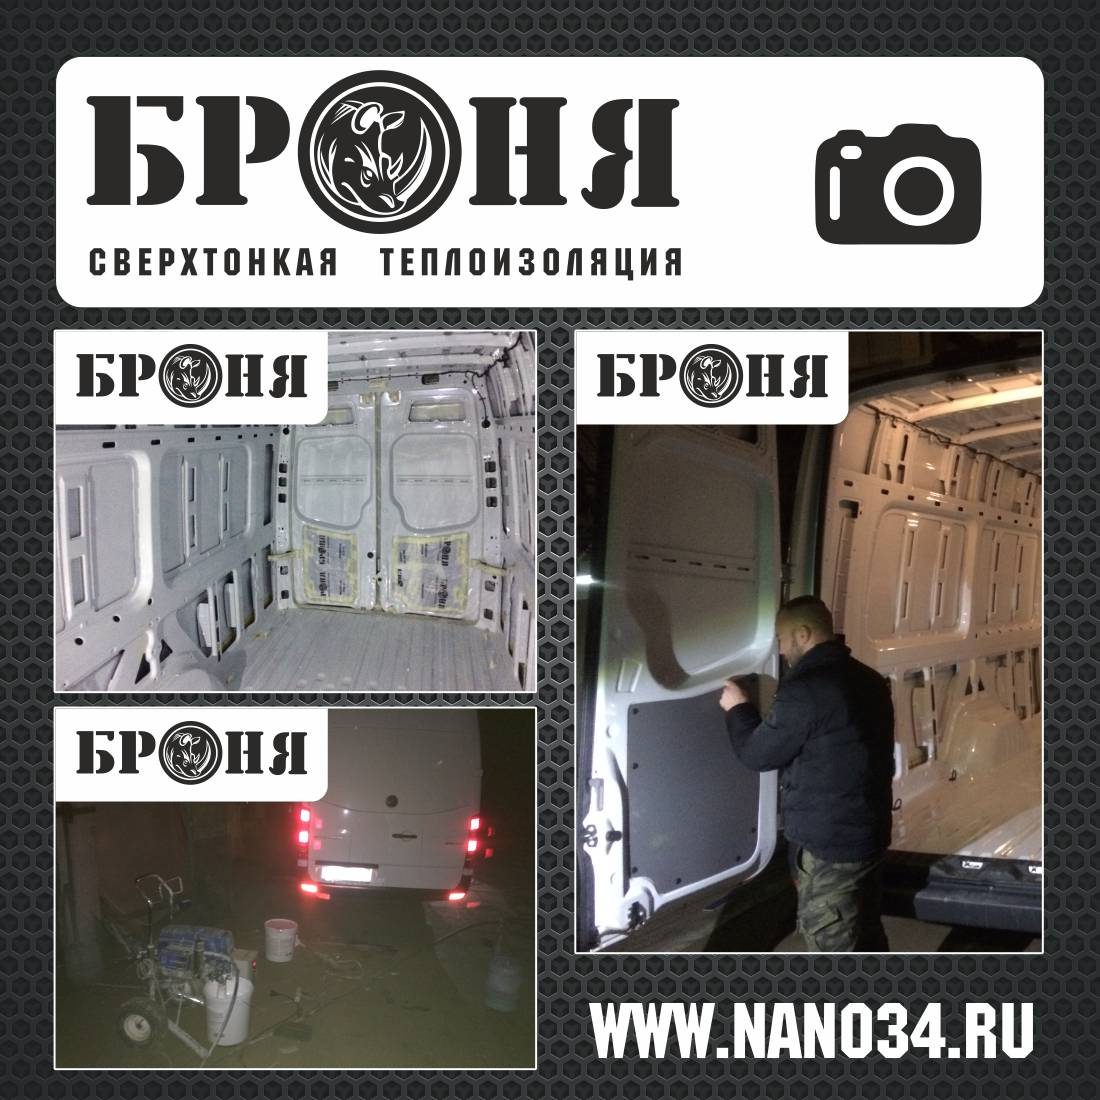 Московская область. Утепление кузова автомобиля Мерседес Бенц Спринтер